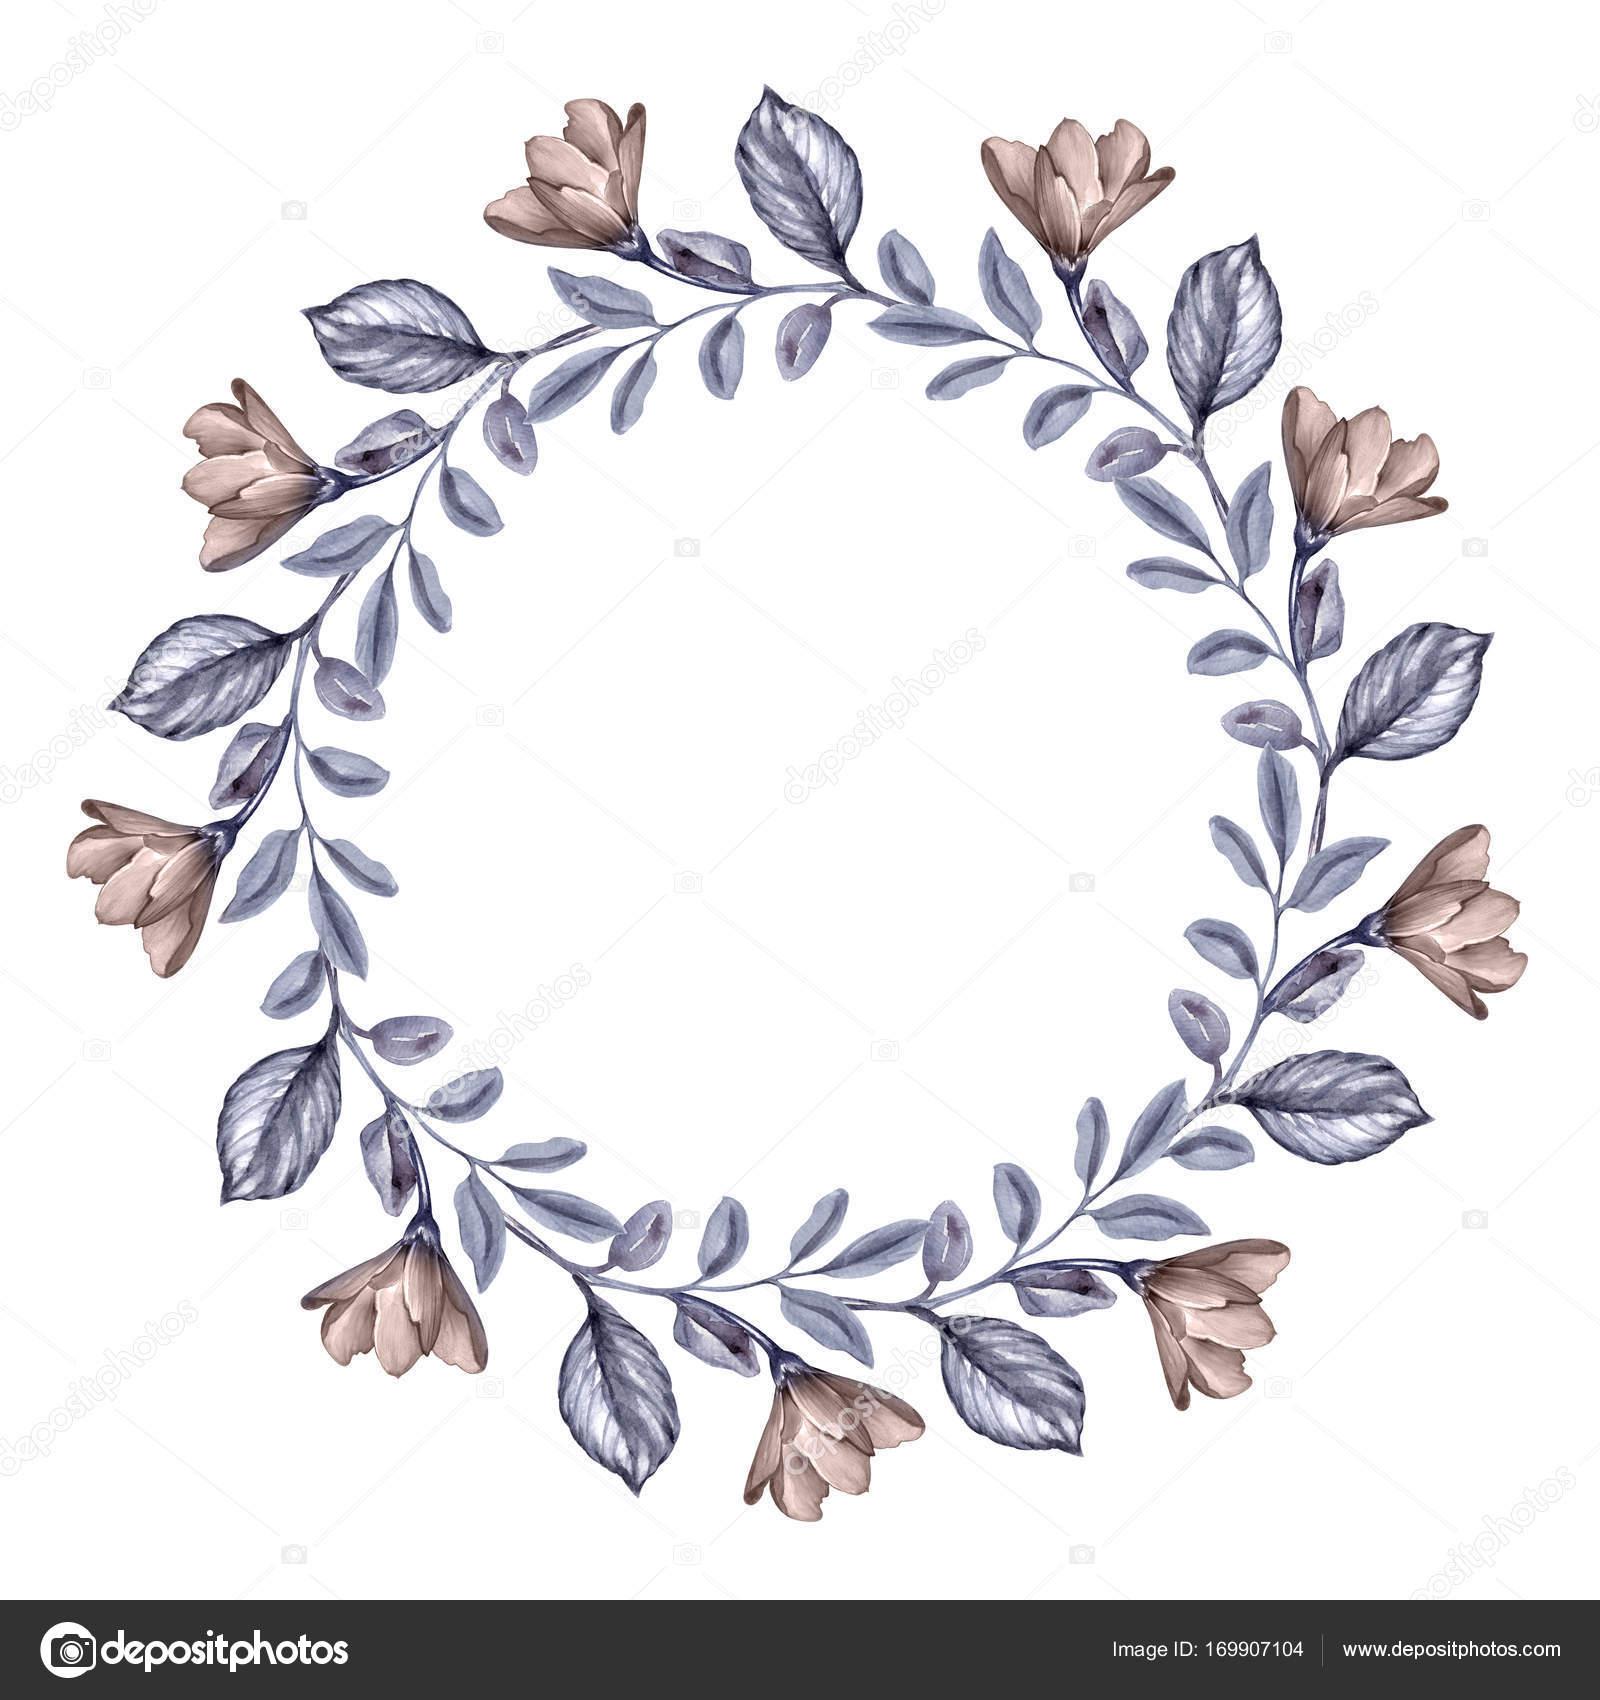 水彩画ボタニカル イラスト丸い花の花輪乾燥した秋の花し葉